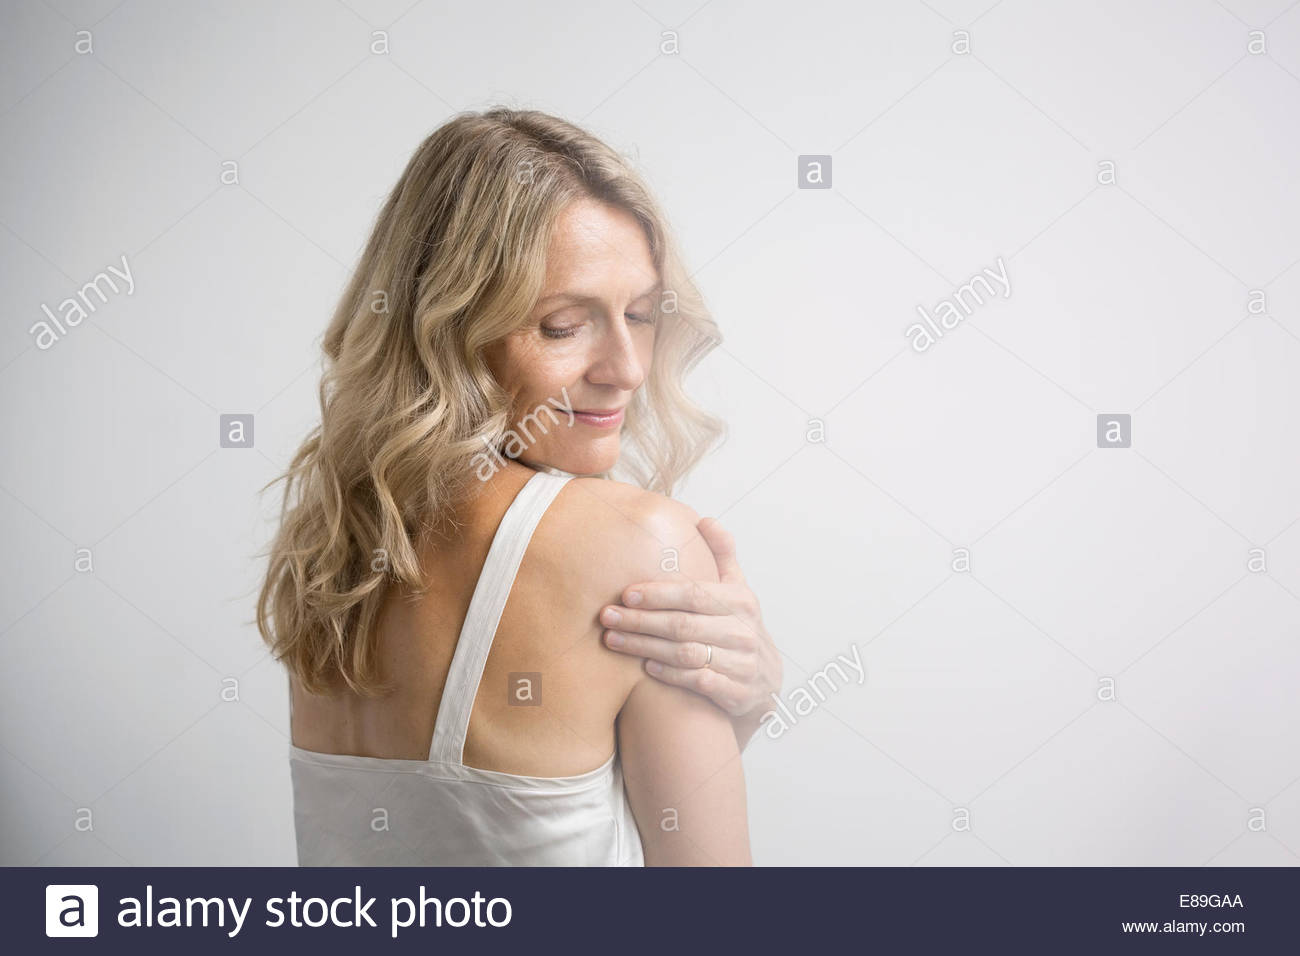 Blonde Frau Schulter berühren Stockbild